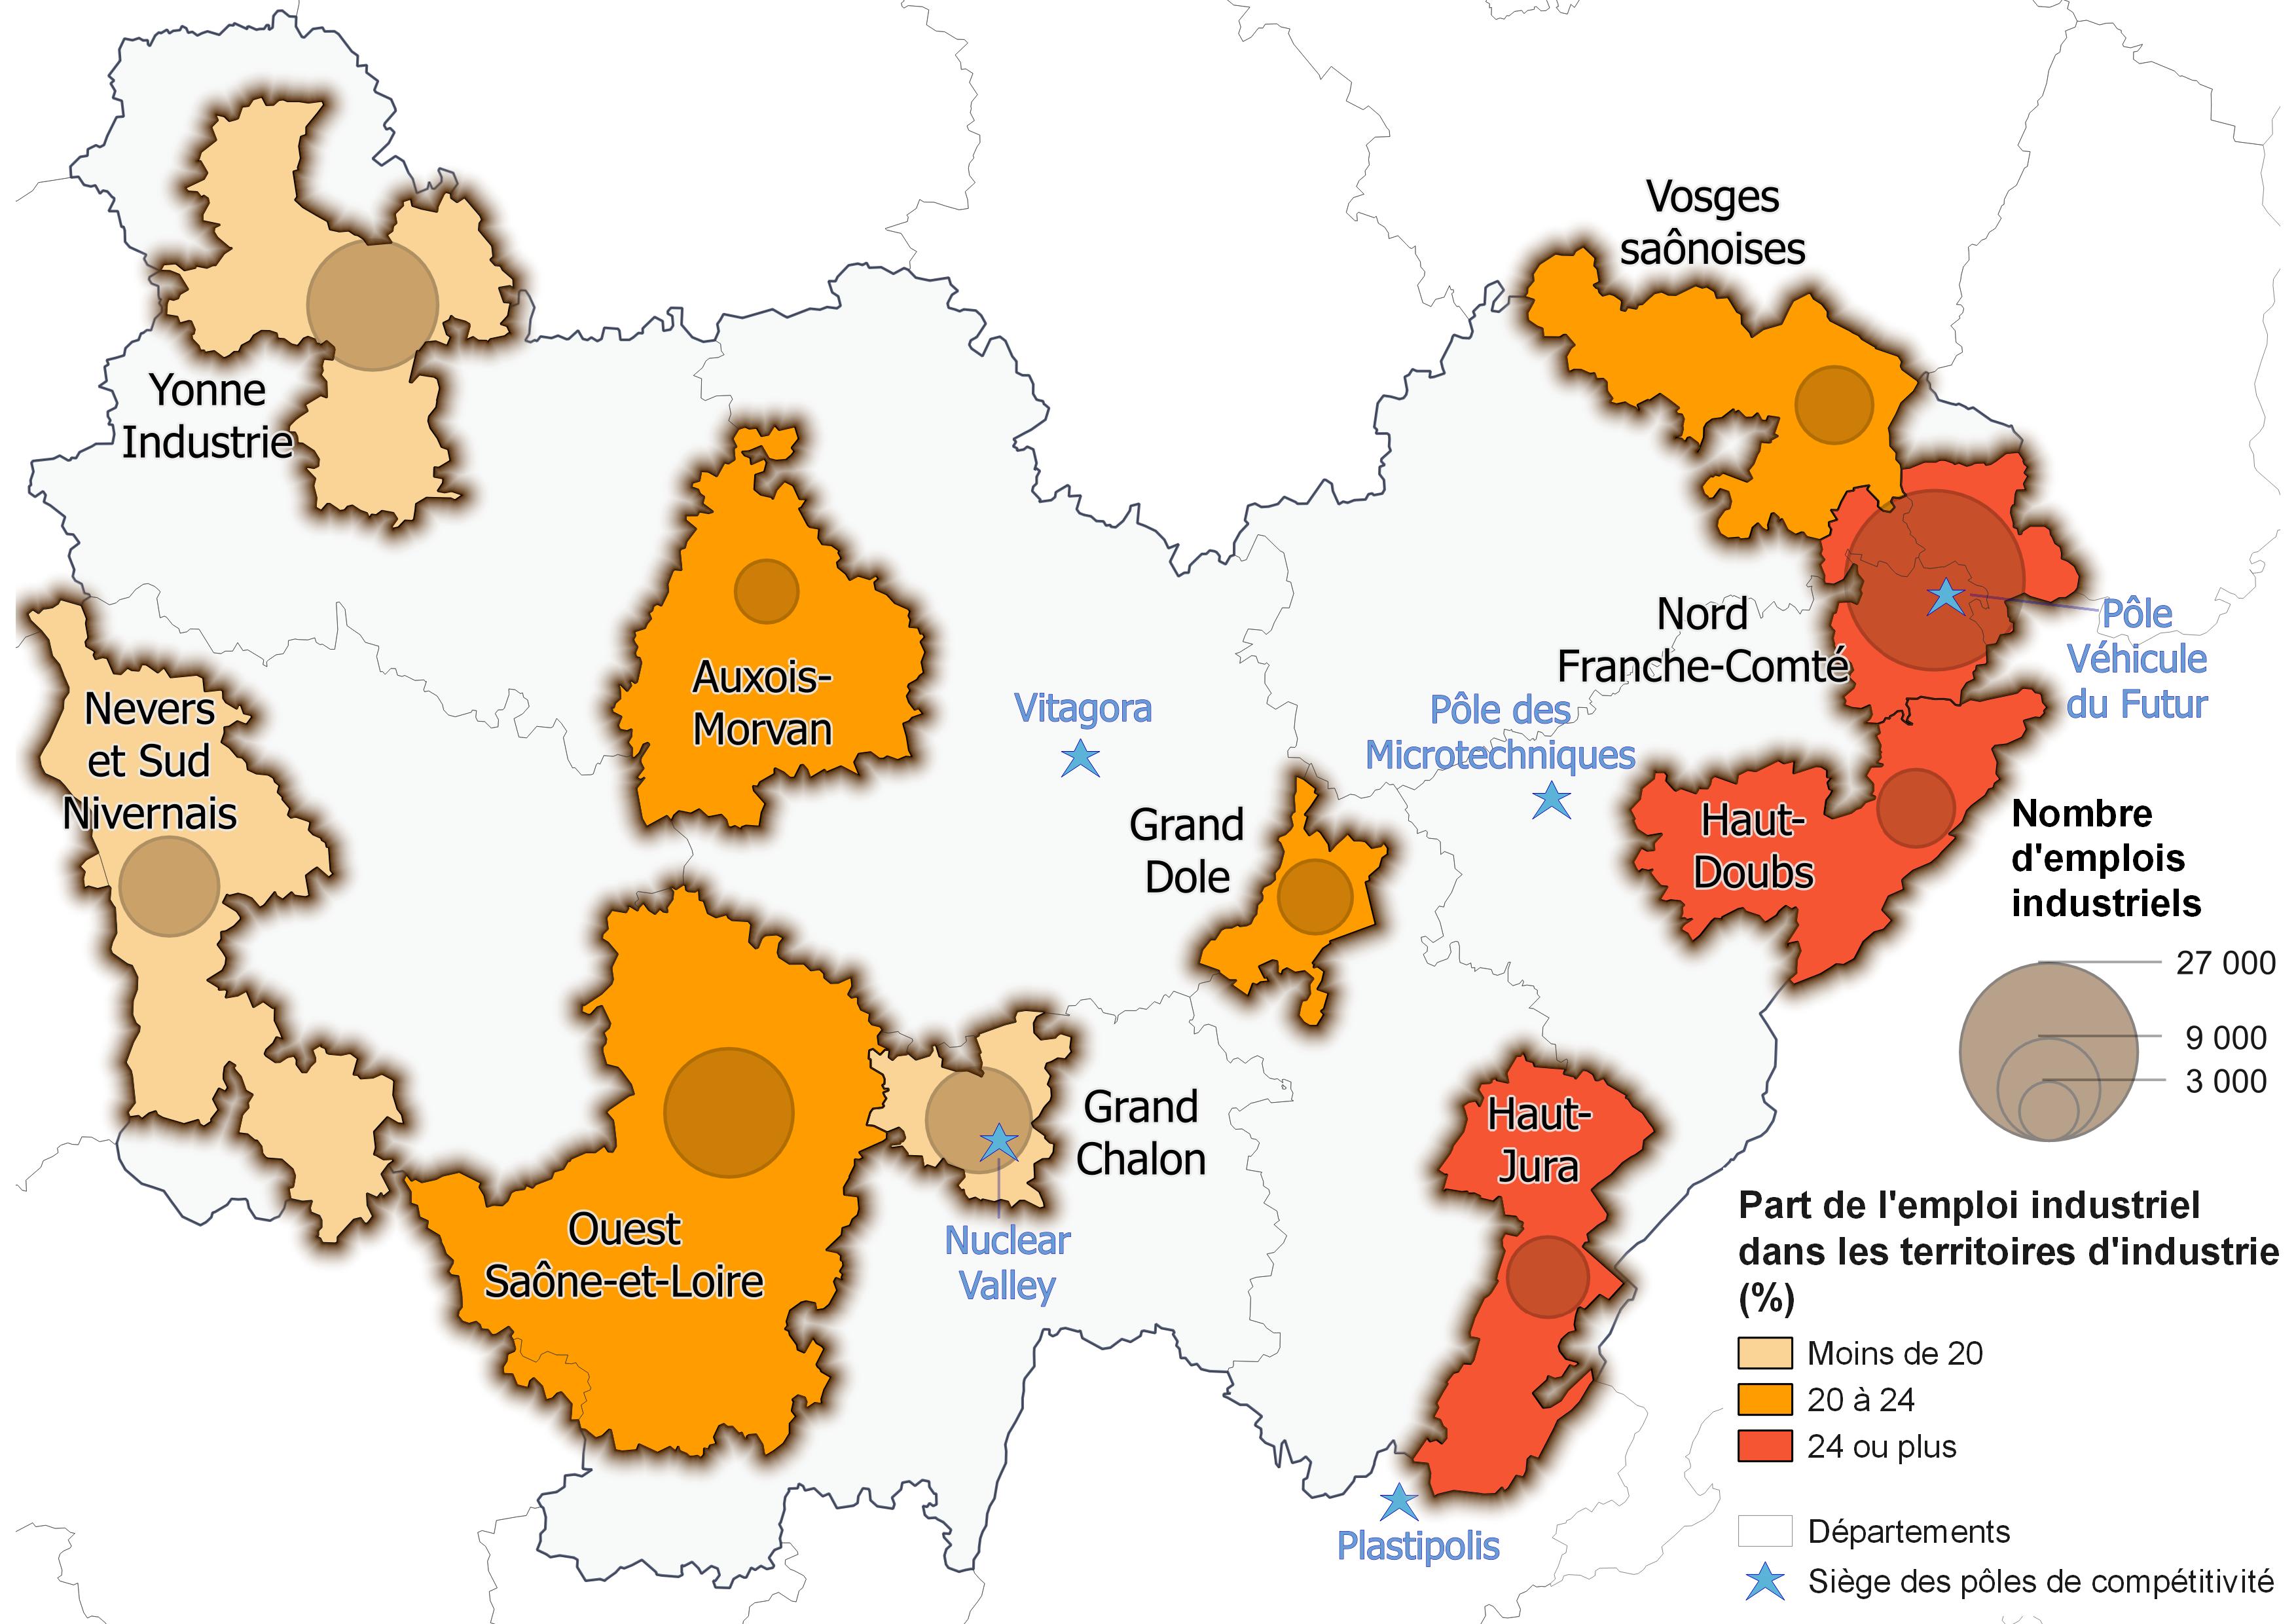 Le Constructeur De Bourgogne grande région industrielle, la bourgogne-franche-comté